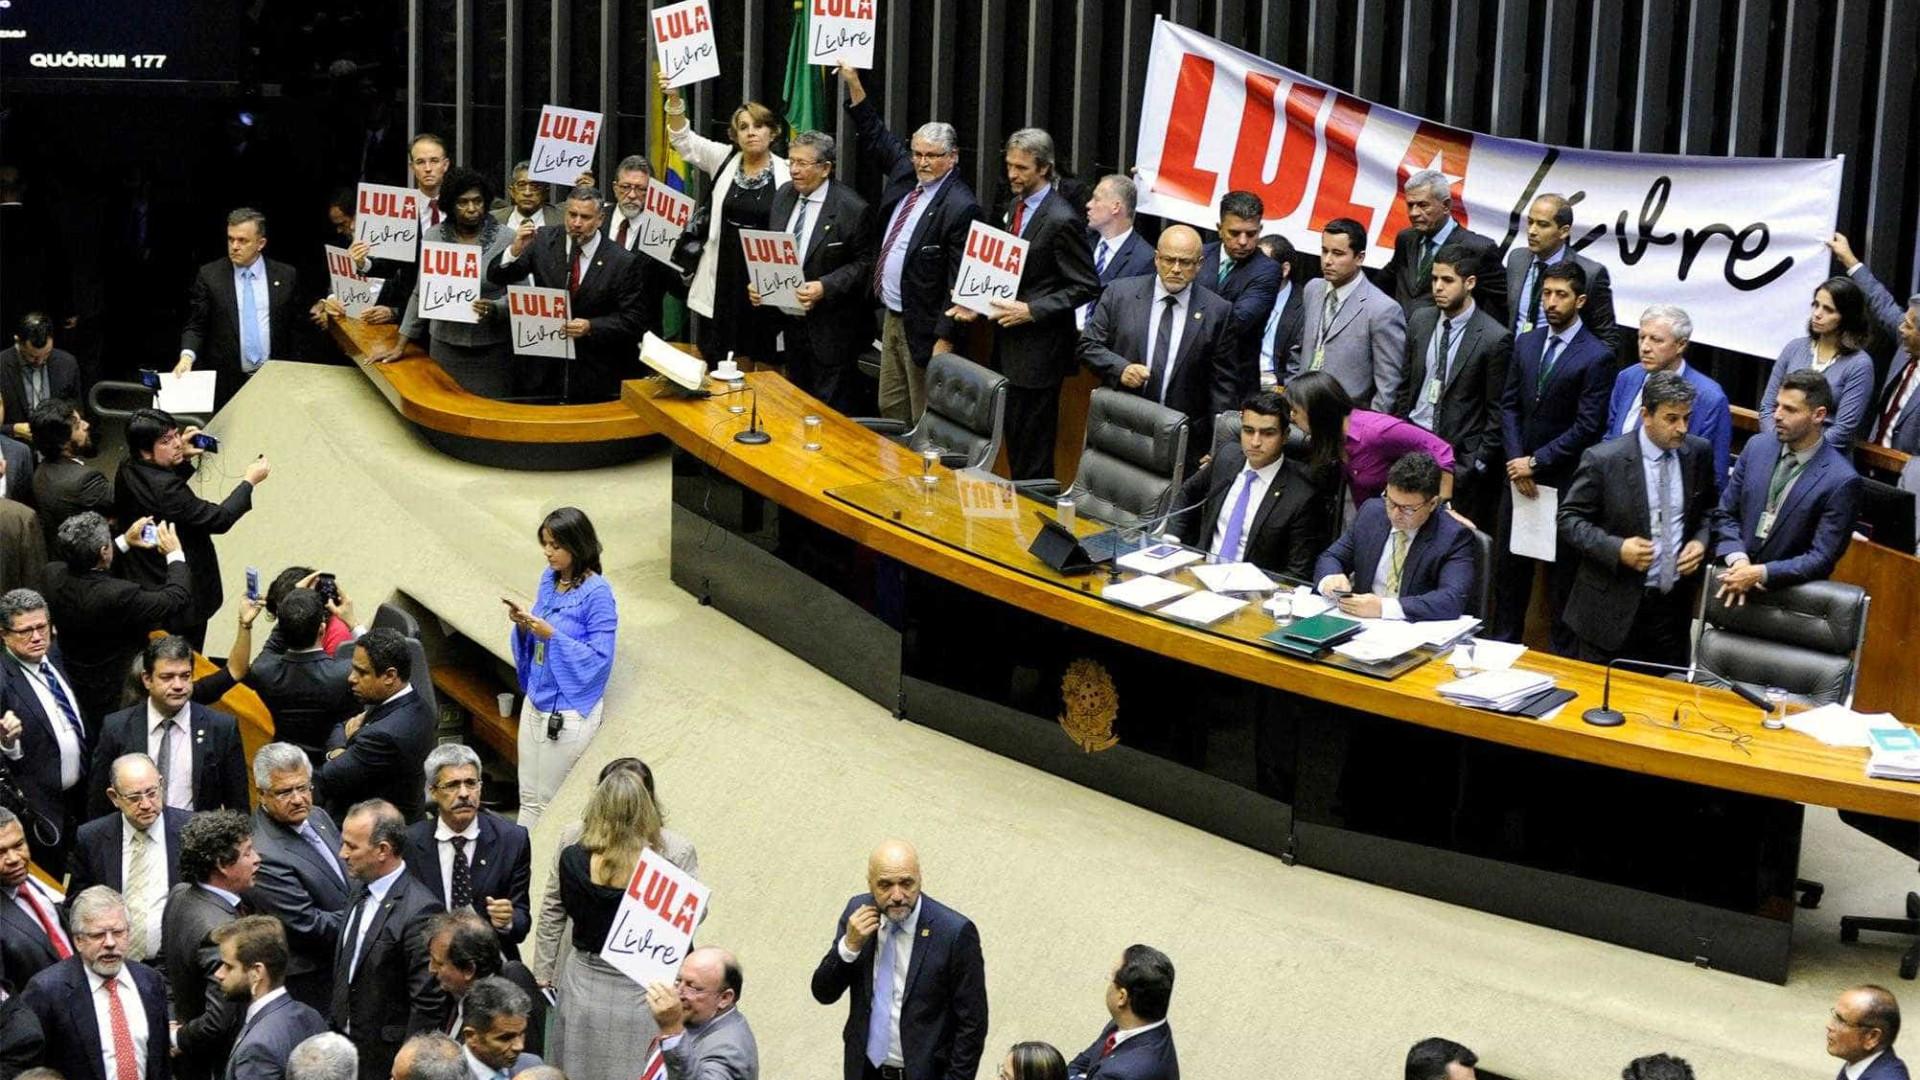 Prisão de Lula gera protesto e debates no plenário da Câmara